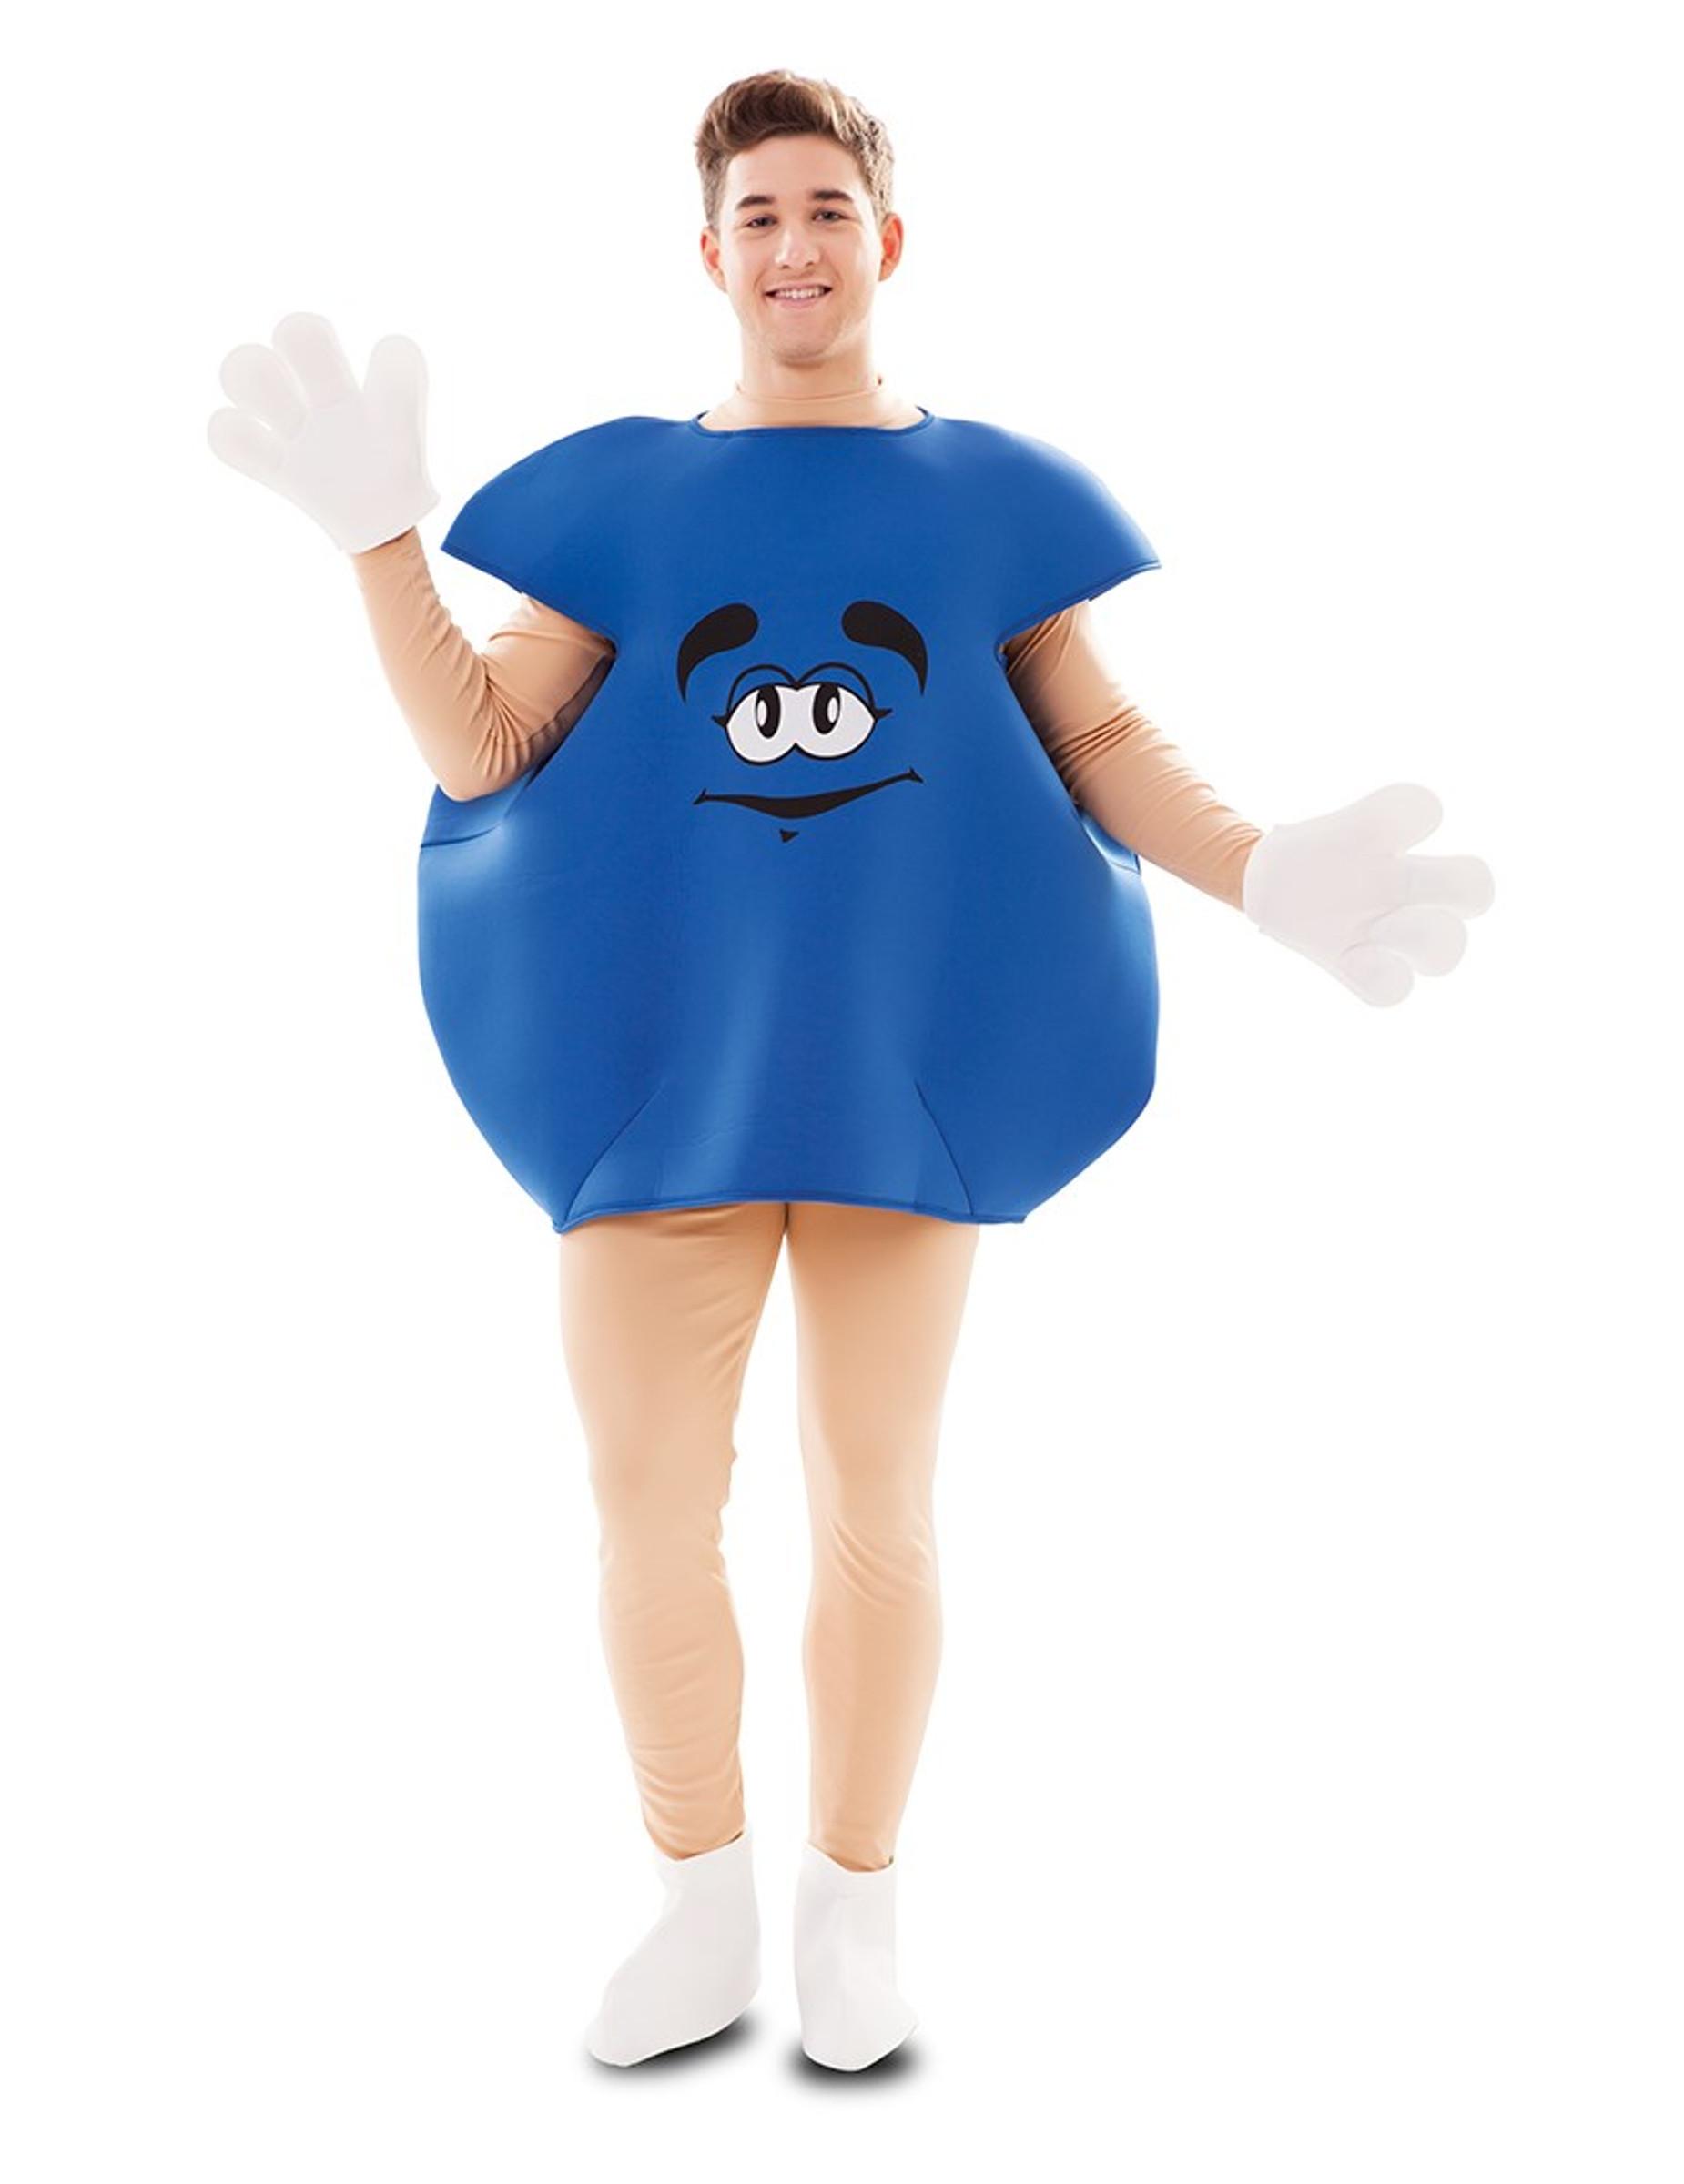 Bonbon-Kostüm Süßigkeiten-Verkleidung für Fasching blau 301493